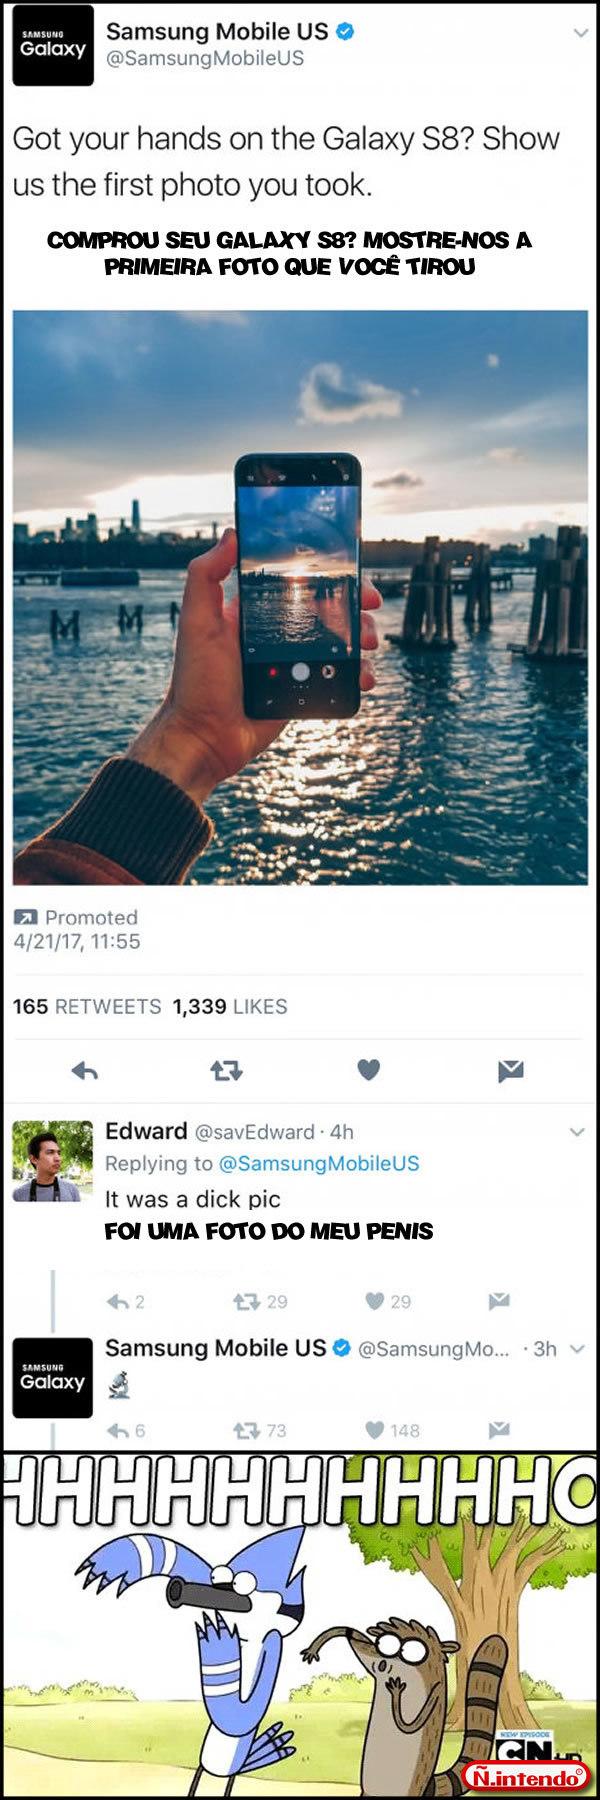 Samsung Respondendo a Altura